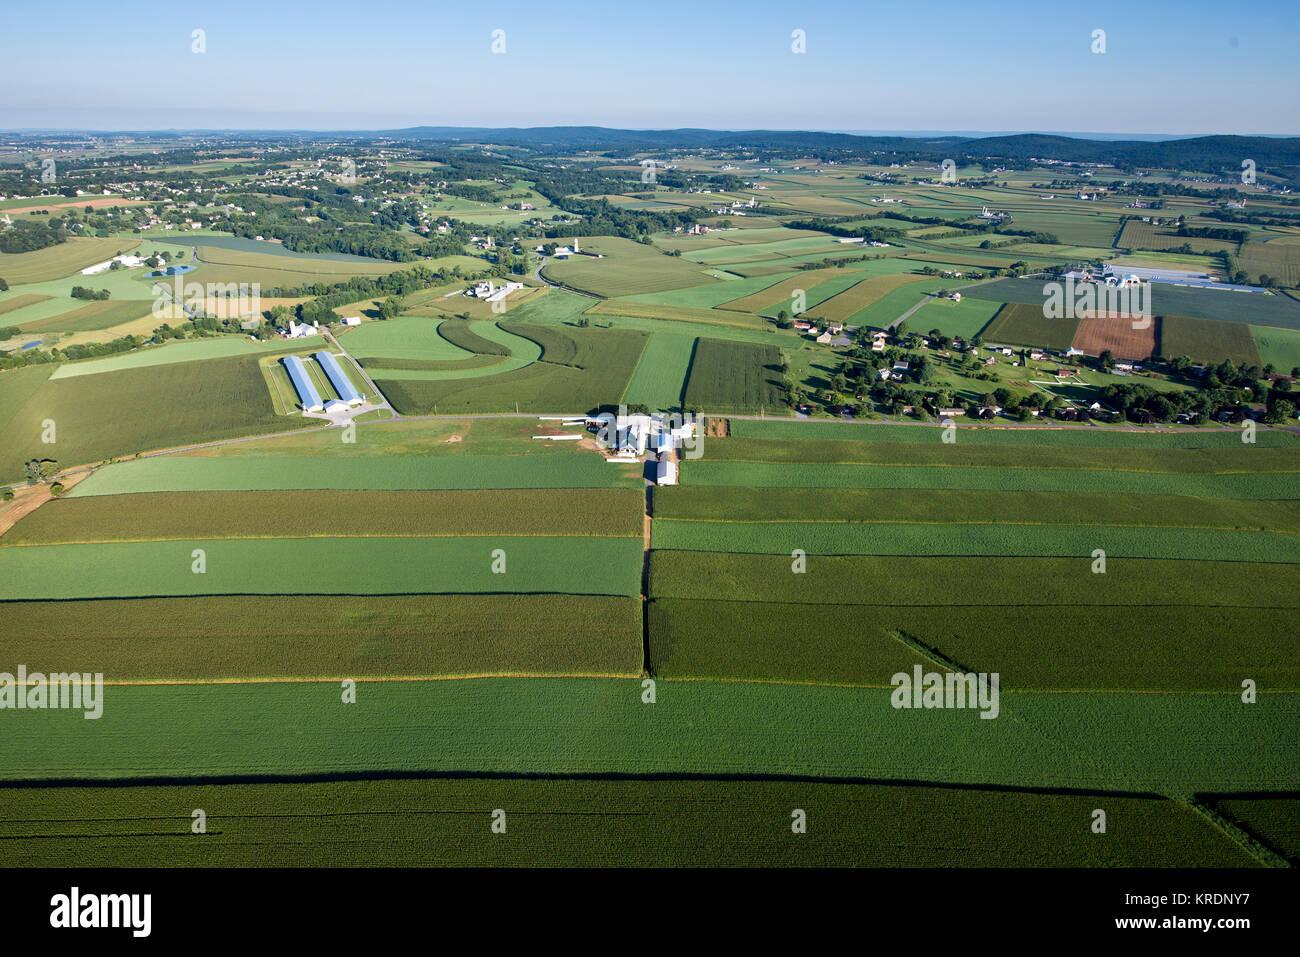 Vista aérea del contorno campos agrícolas y las mejores prácticas de gestión, Lancaster Pennsylvania Imagen De Stock